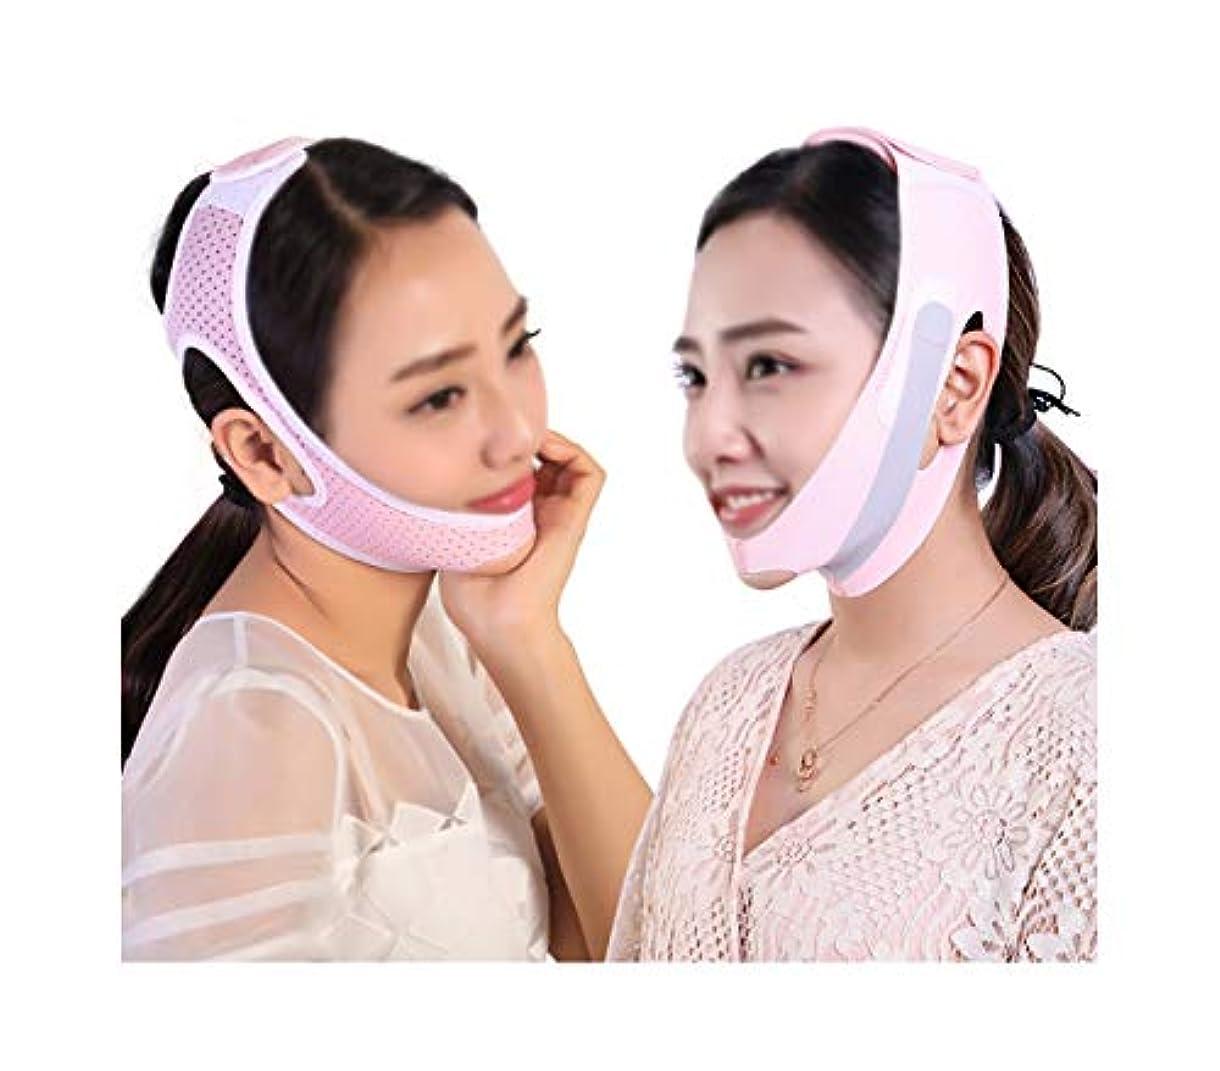 趣味雇用者アーカイブフェイス&ネックリフト後伸縮性スリーブ整形Vフェイスマスク収縮あご薄いフェイス包帯引き締め小さなVフェイスアーティファクトフェイスマスク(2パック) (Size : L)